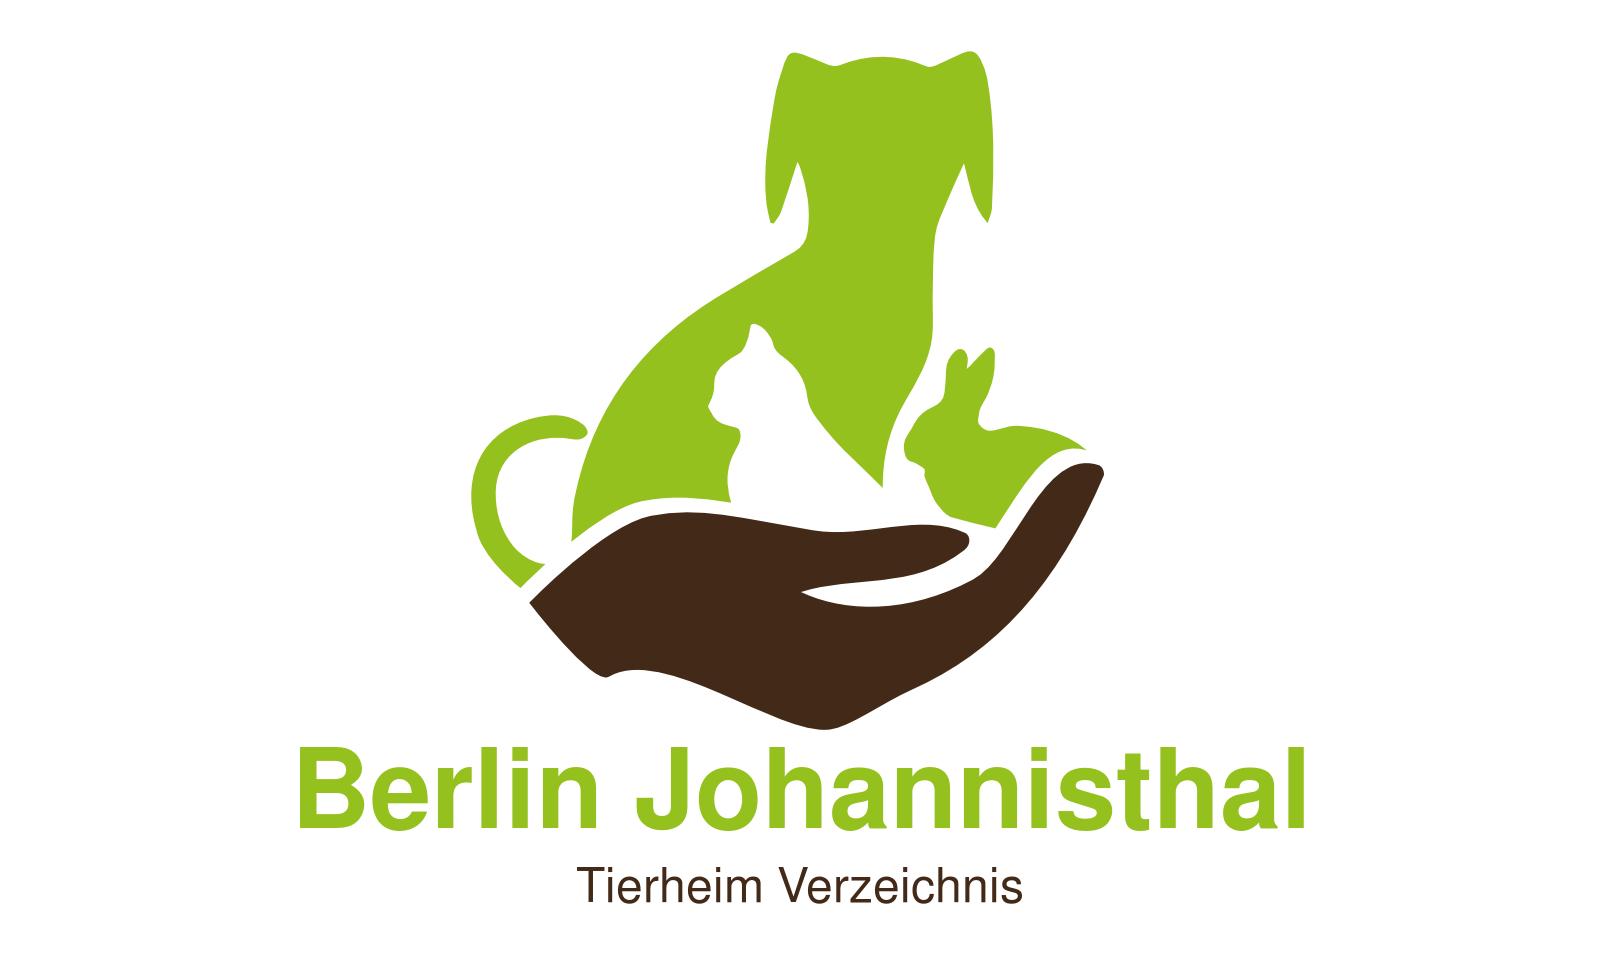 Tierheim Berlin Johannisthal